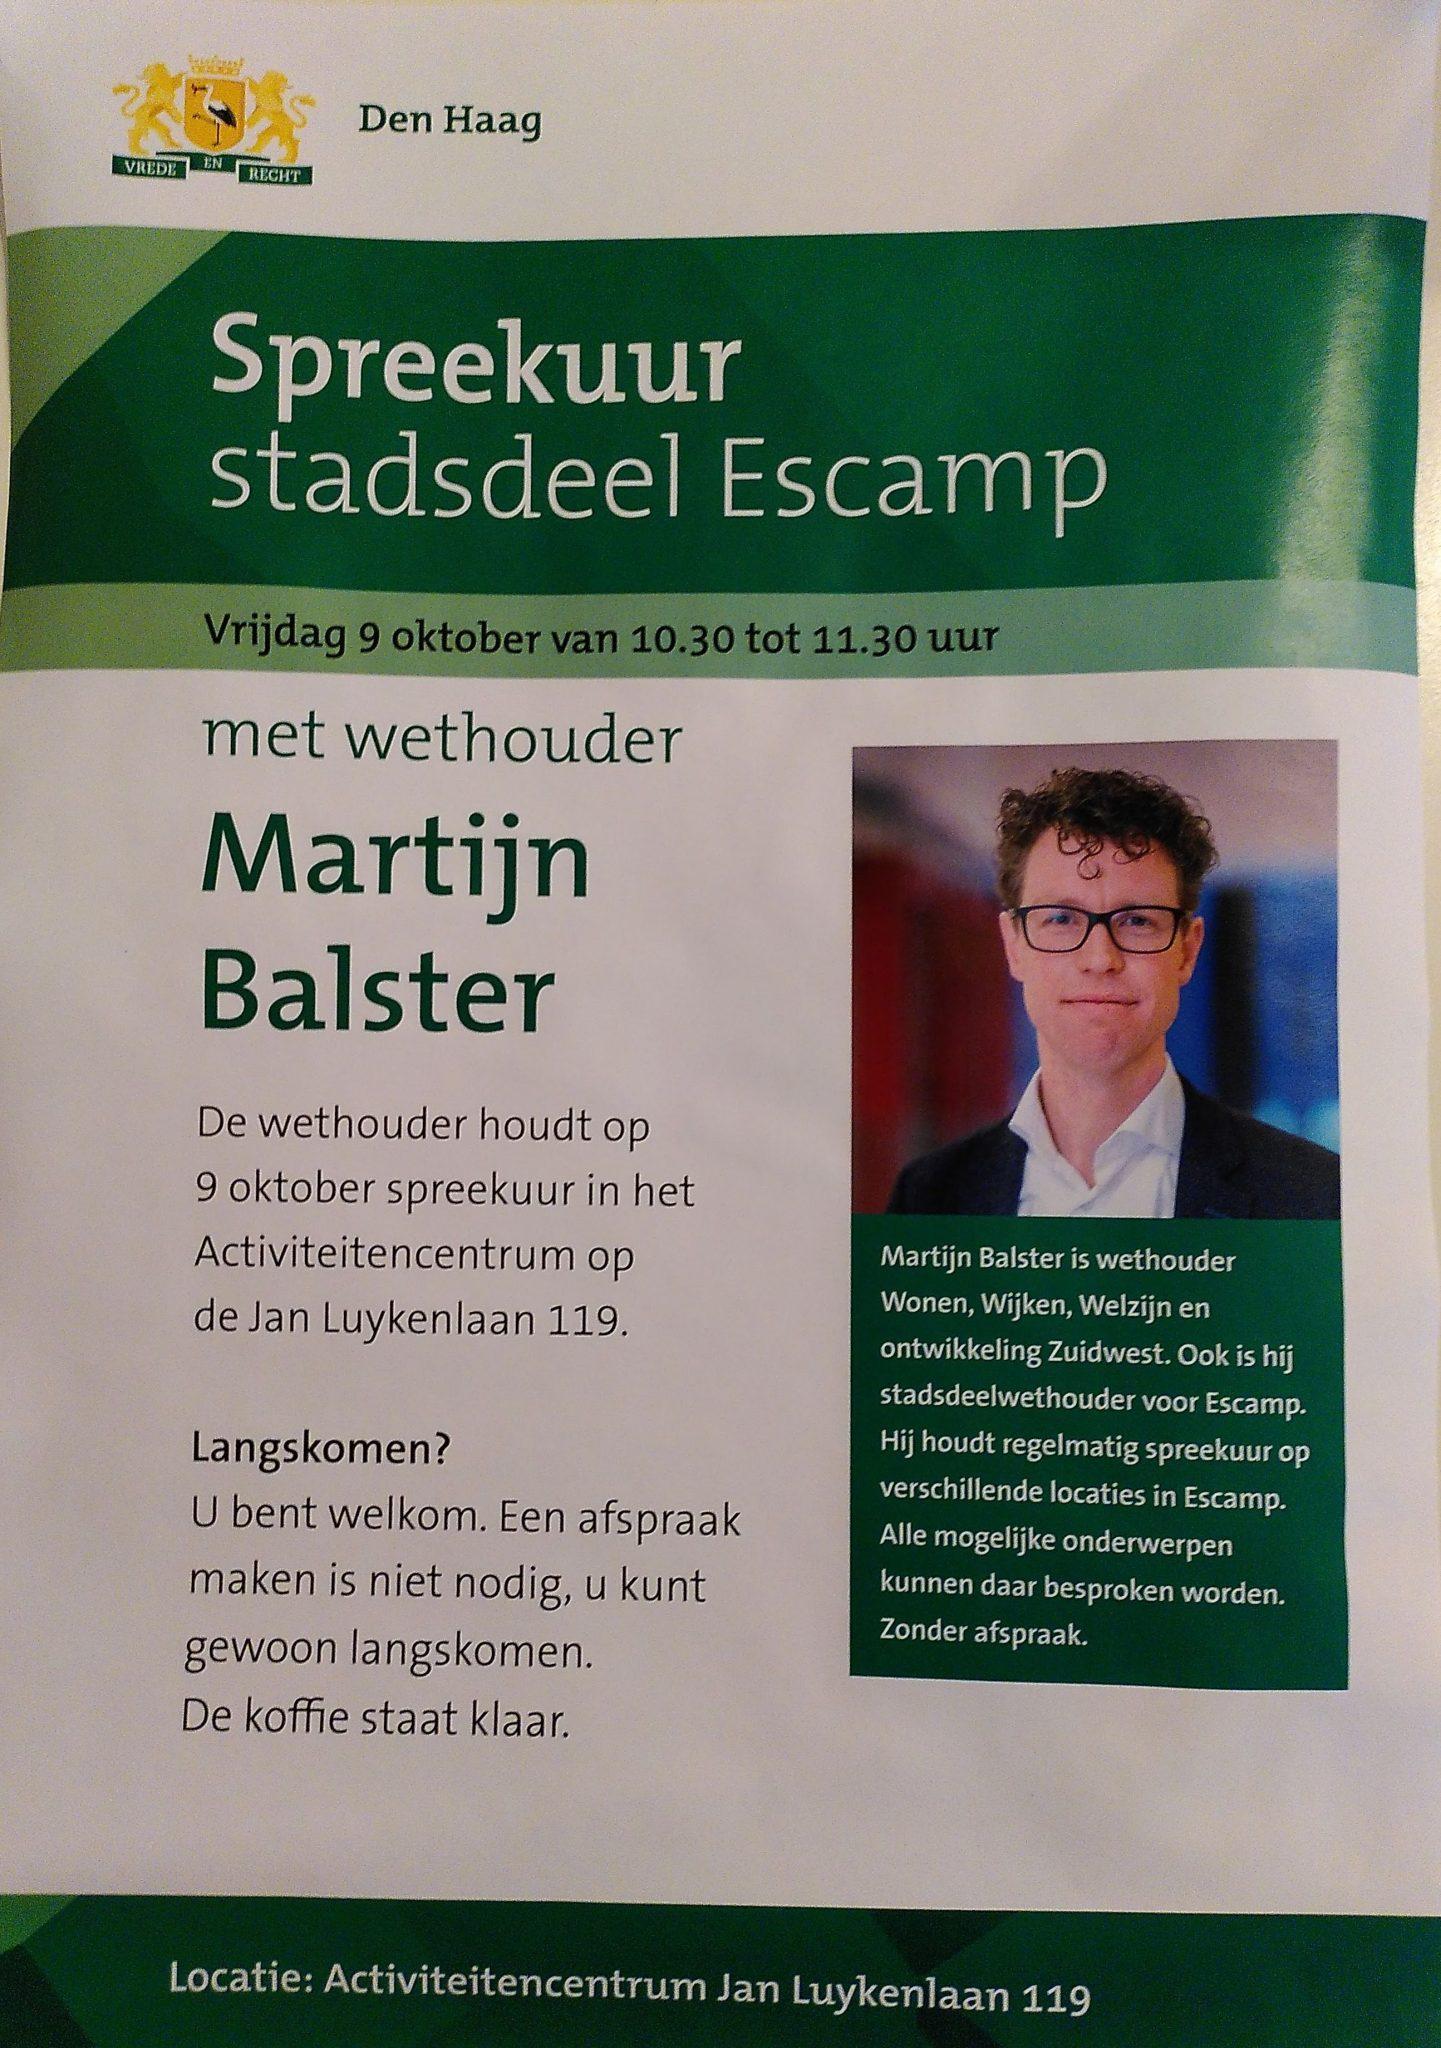 Spreekuur Martijn Balster 9 oktober 2020 Jan Luykenlaan 119 Moerwijk Den Haag via de Moerwijk Coöperatie